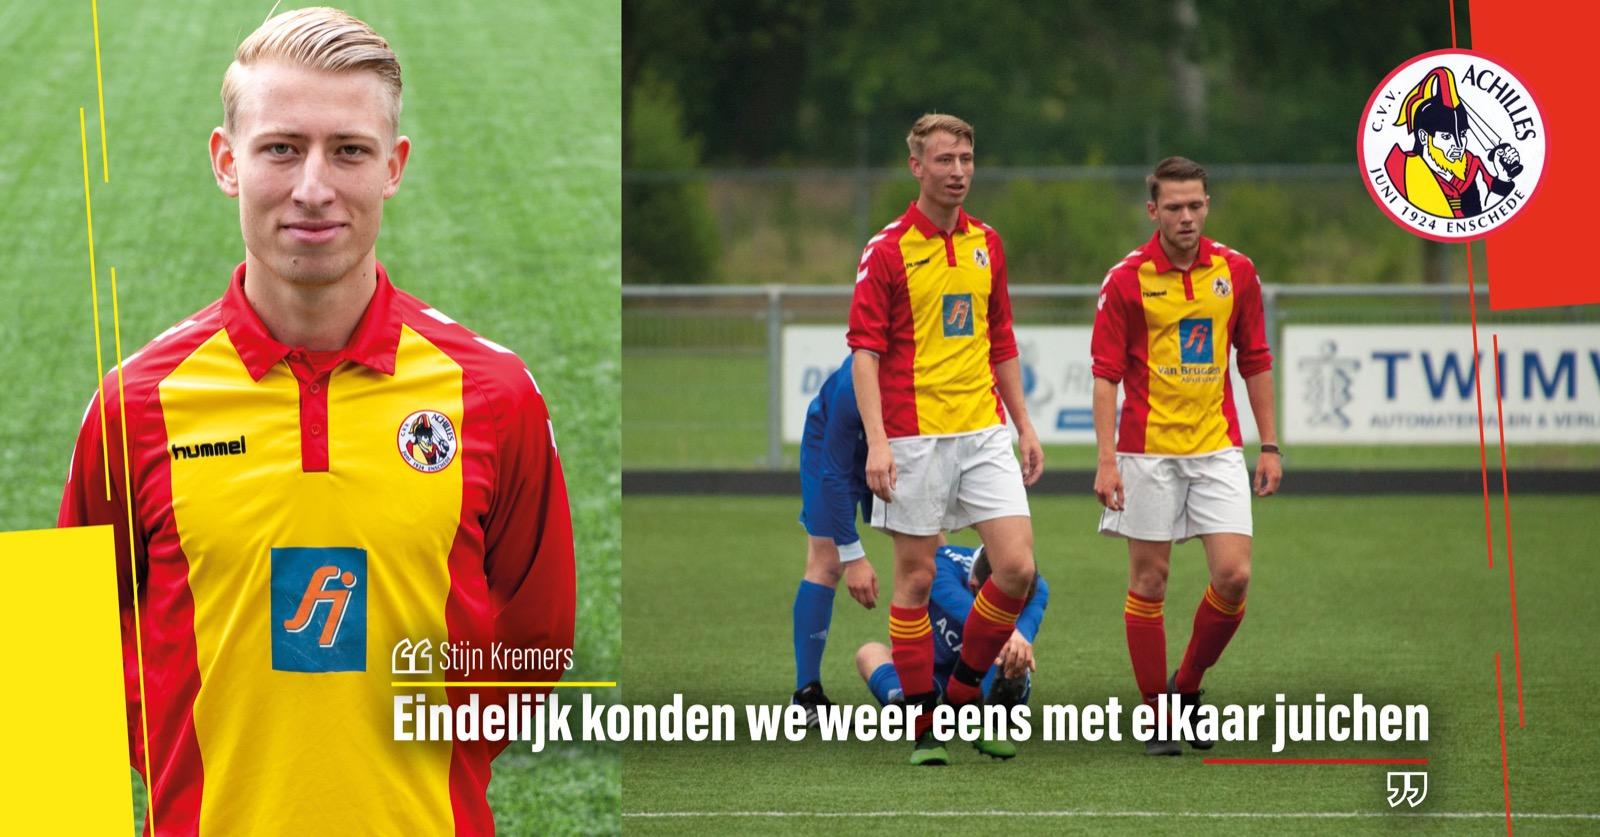 Nog even terugblikken met doelpuntenmaker Stijn Kremers